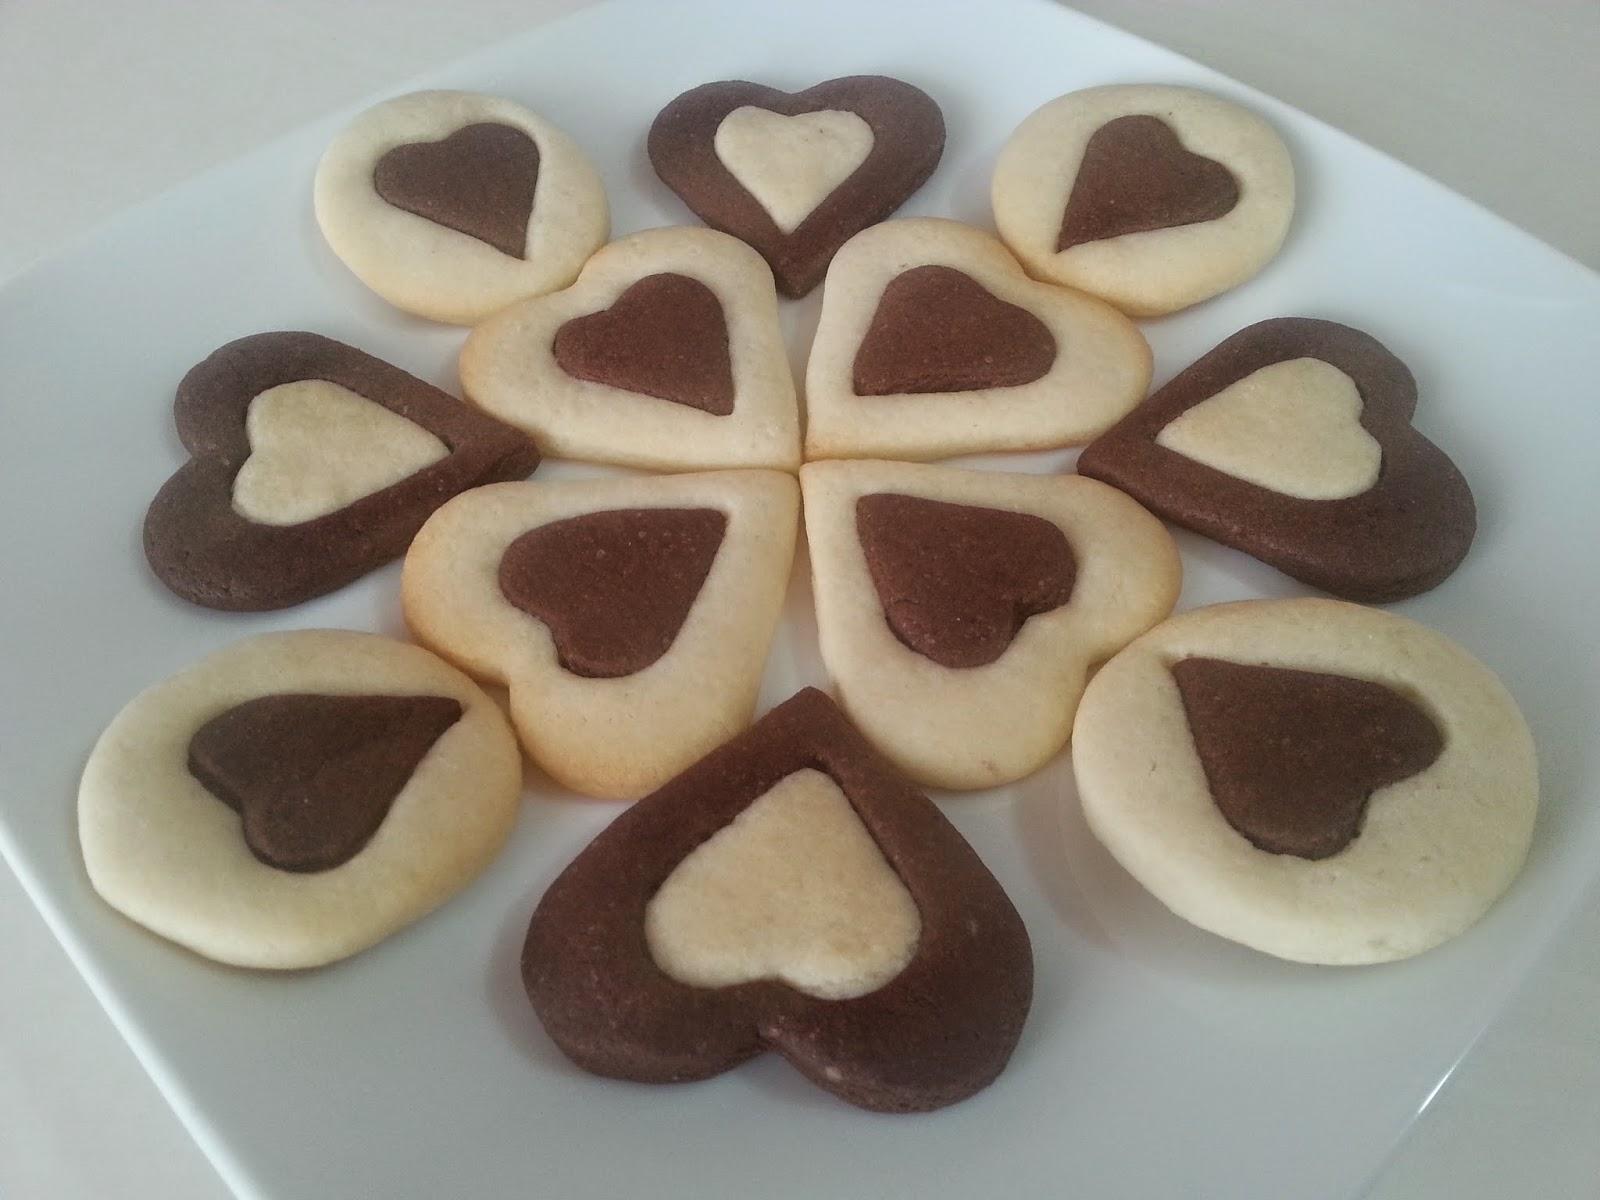 kalp kurabiye,kurabiye,kakaolu kurabiye